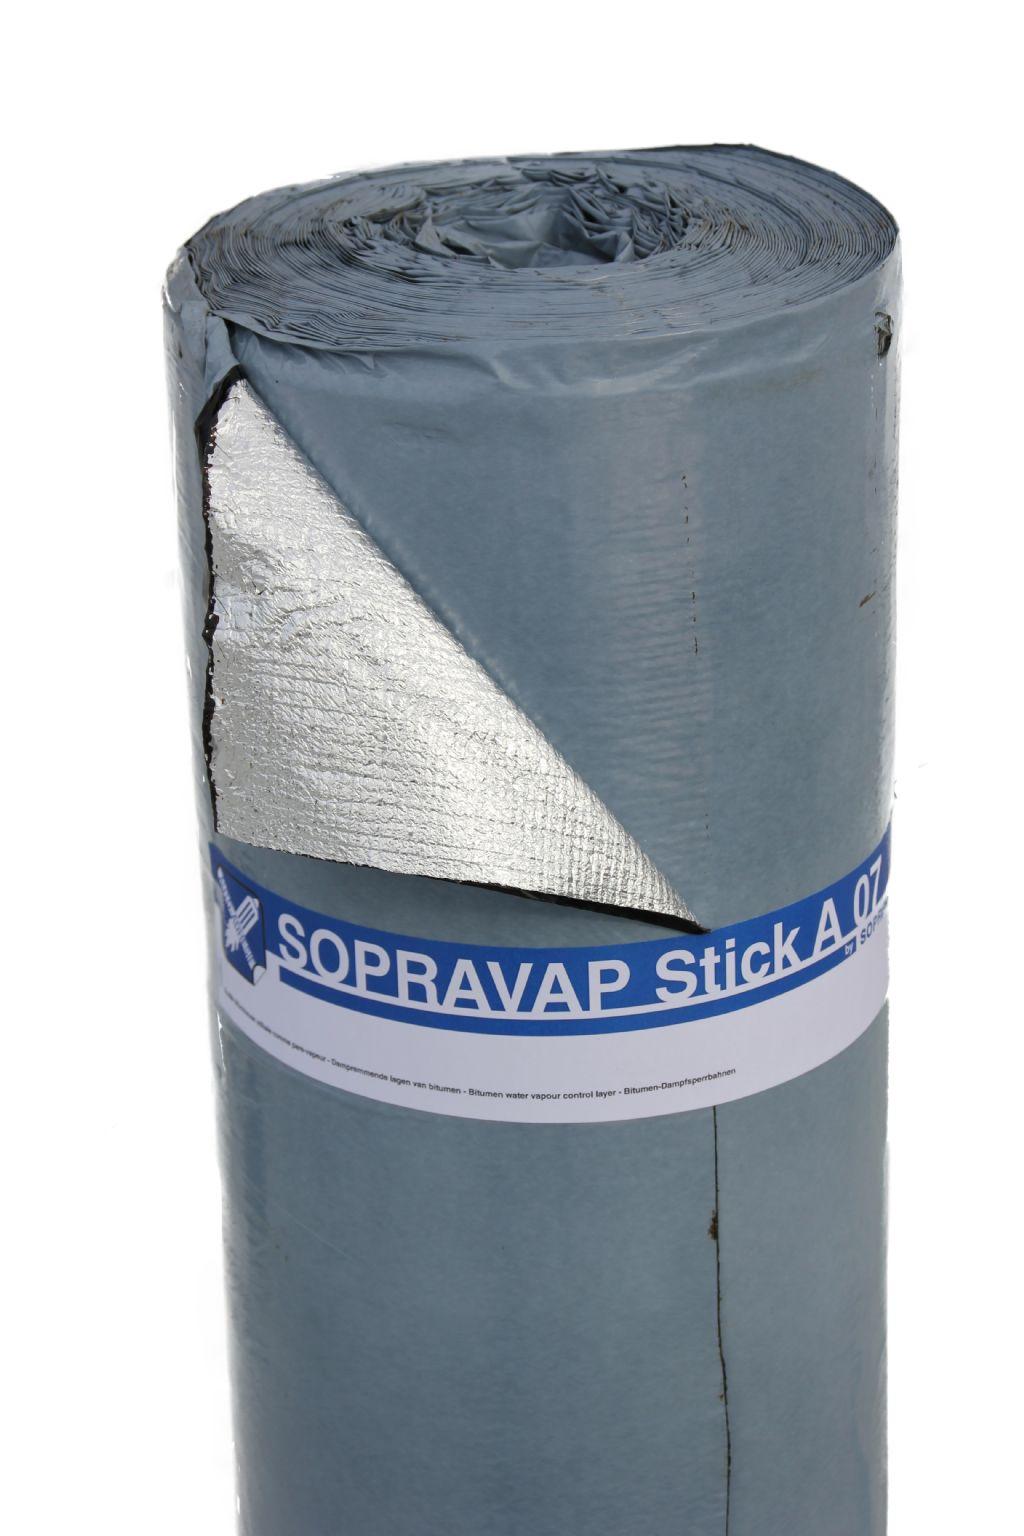 Zelfklevende bitumen dakbanen zijn aan de onderzijde steeds voorzien van een wegtrekfolie. De afwerking aan de bovenzijde hangt af van de toepassing. (Foto: Soprema)